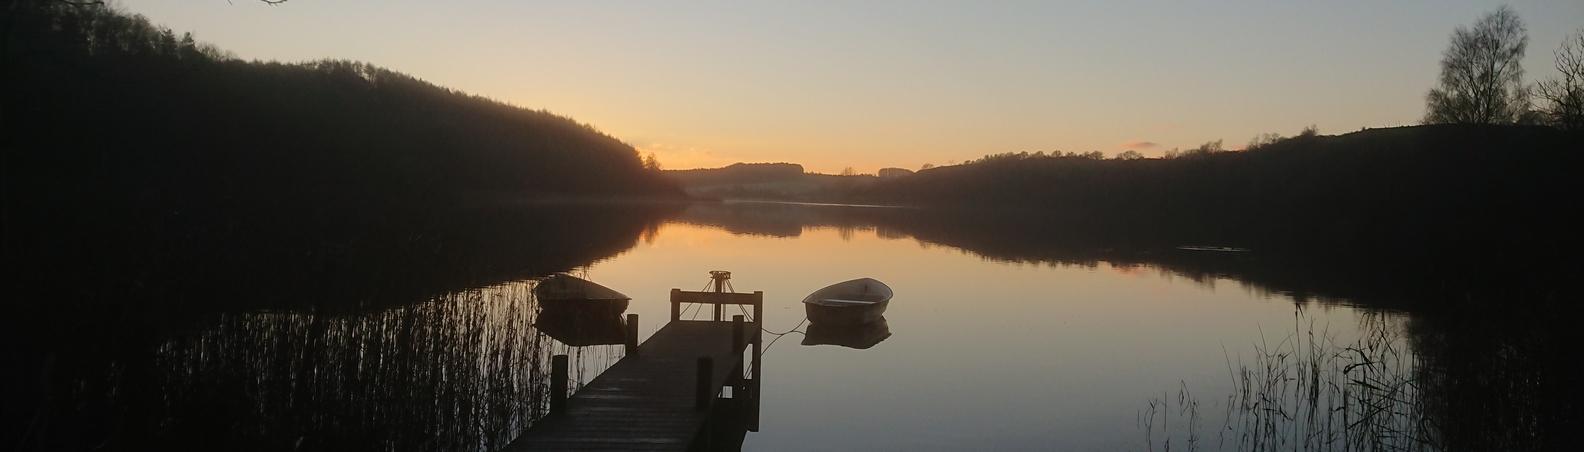 Solnedgang ved Maglesø en smuk efterårsdag